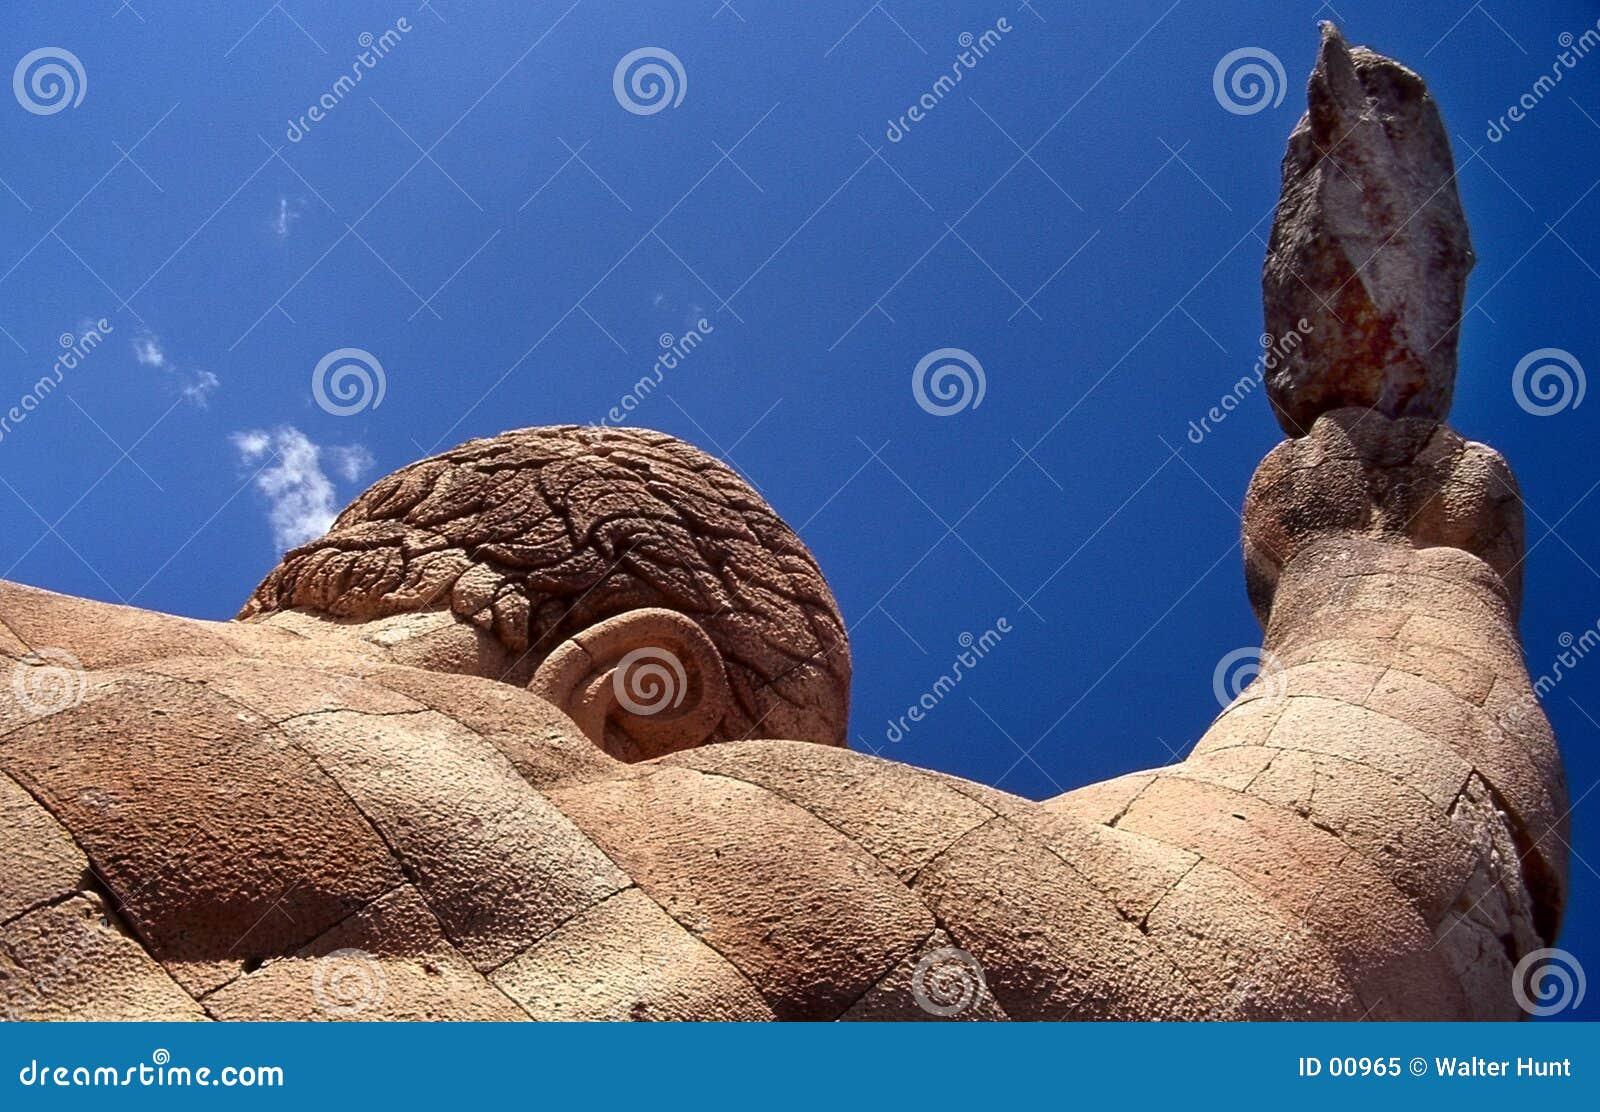 Stone barku